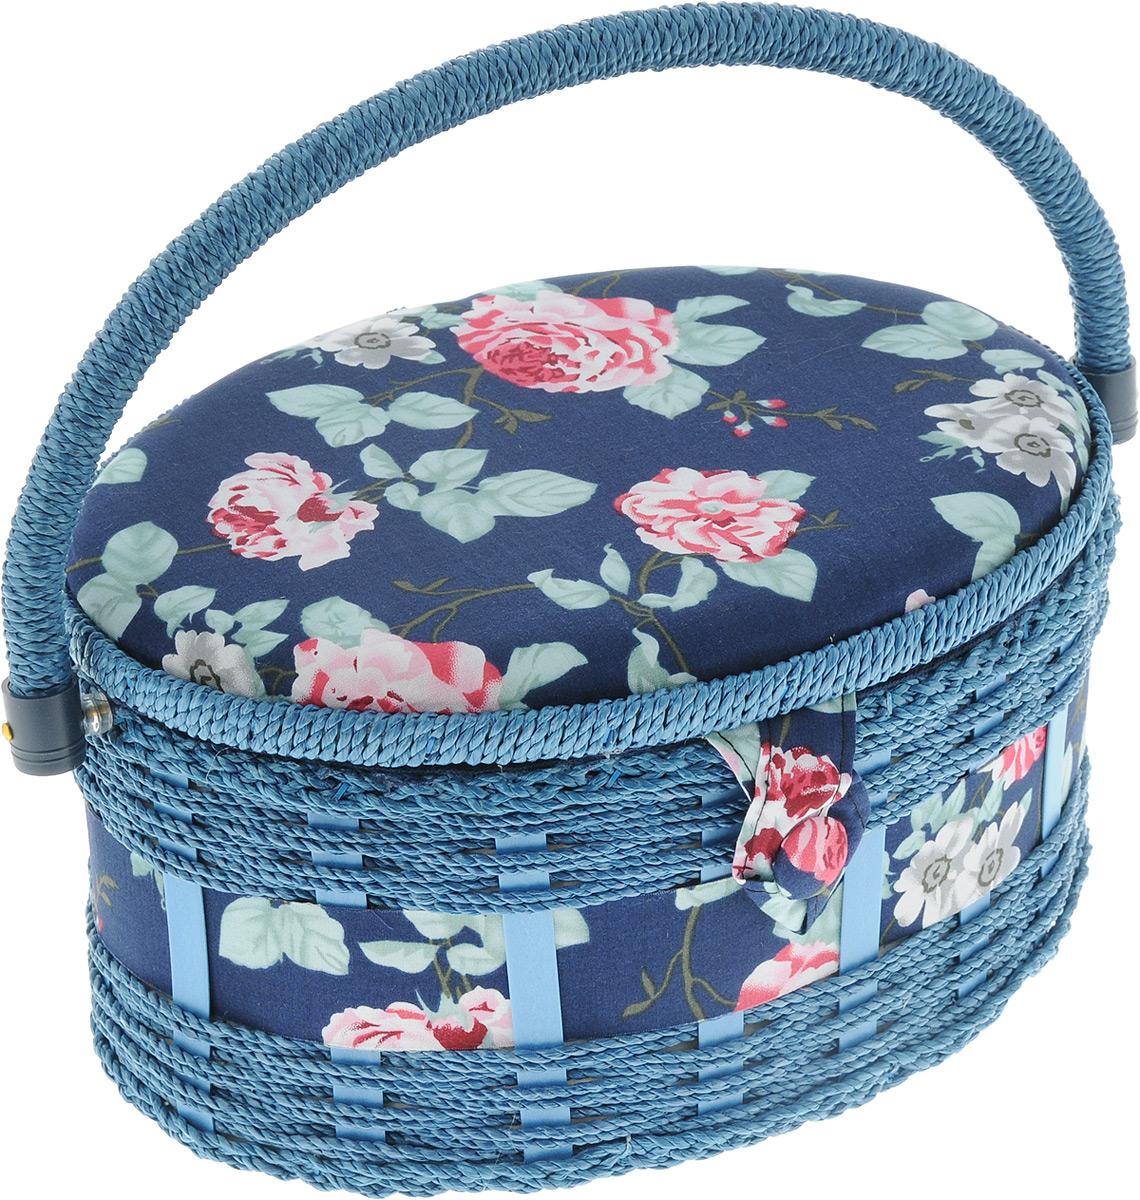 Шкатулка для рукоделия Bestex Роза на синем, 24,5 х 18 х 13,5 см шкатулка для рукоделия hobby